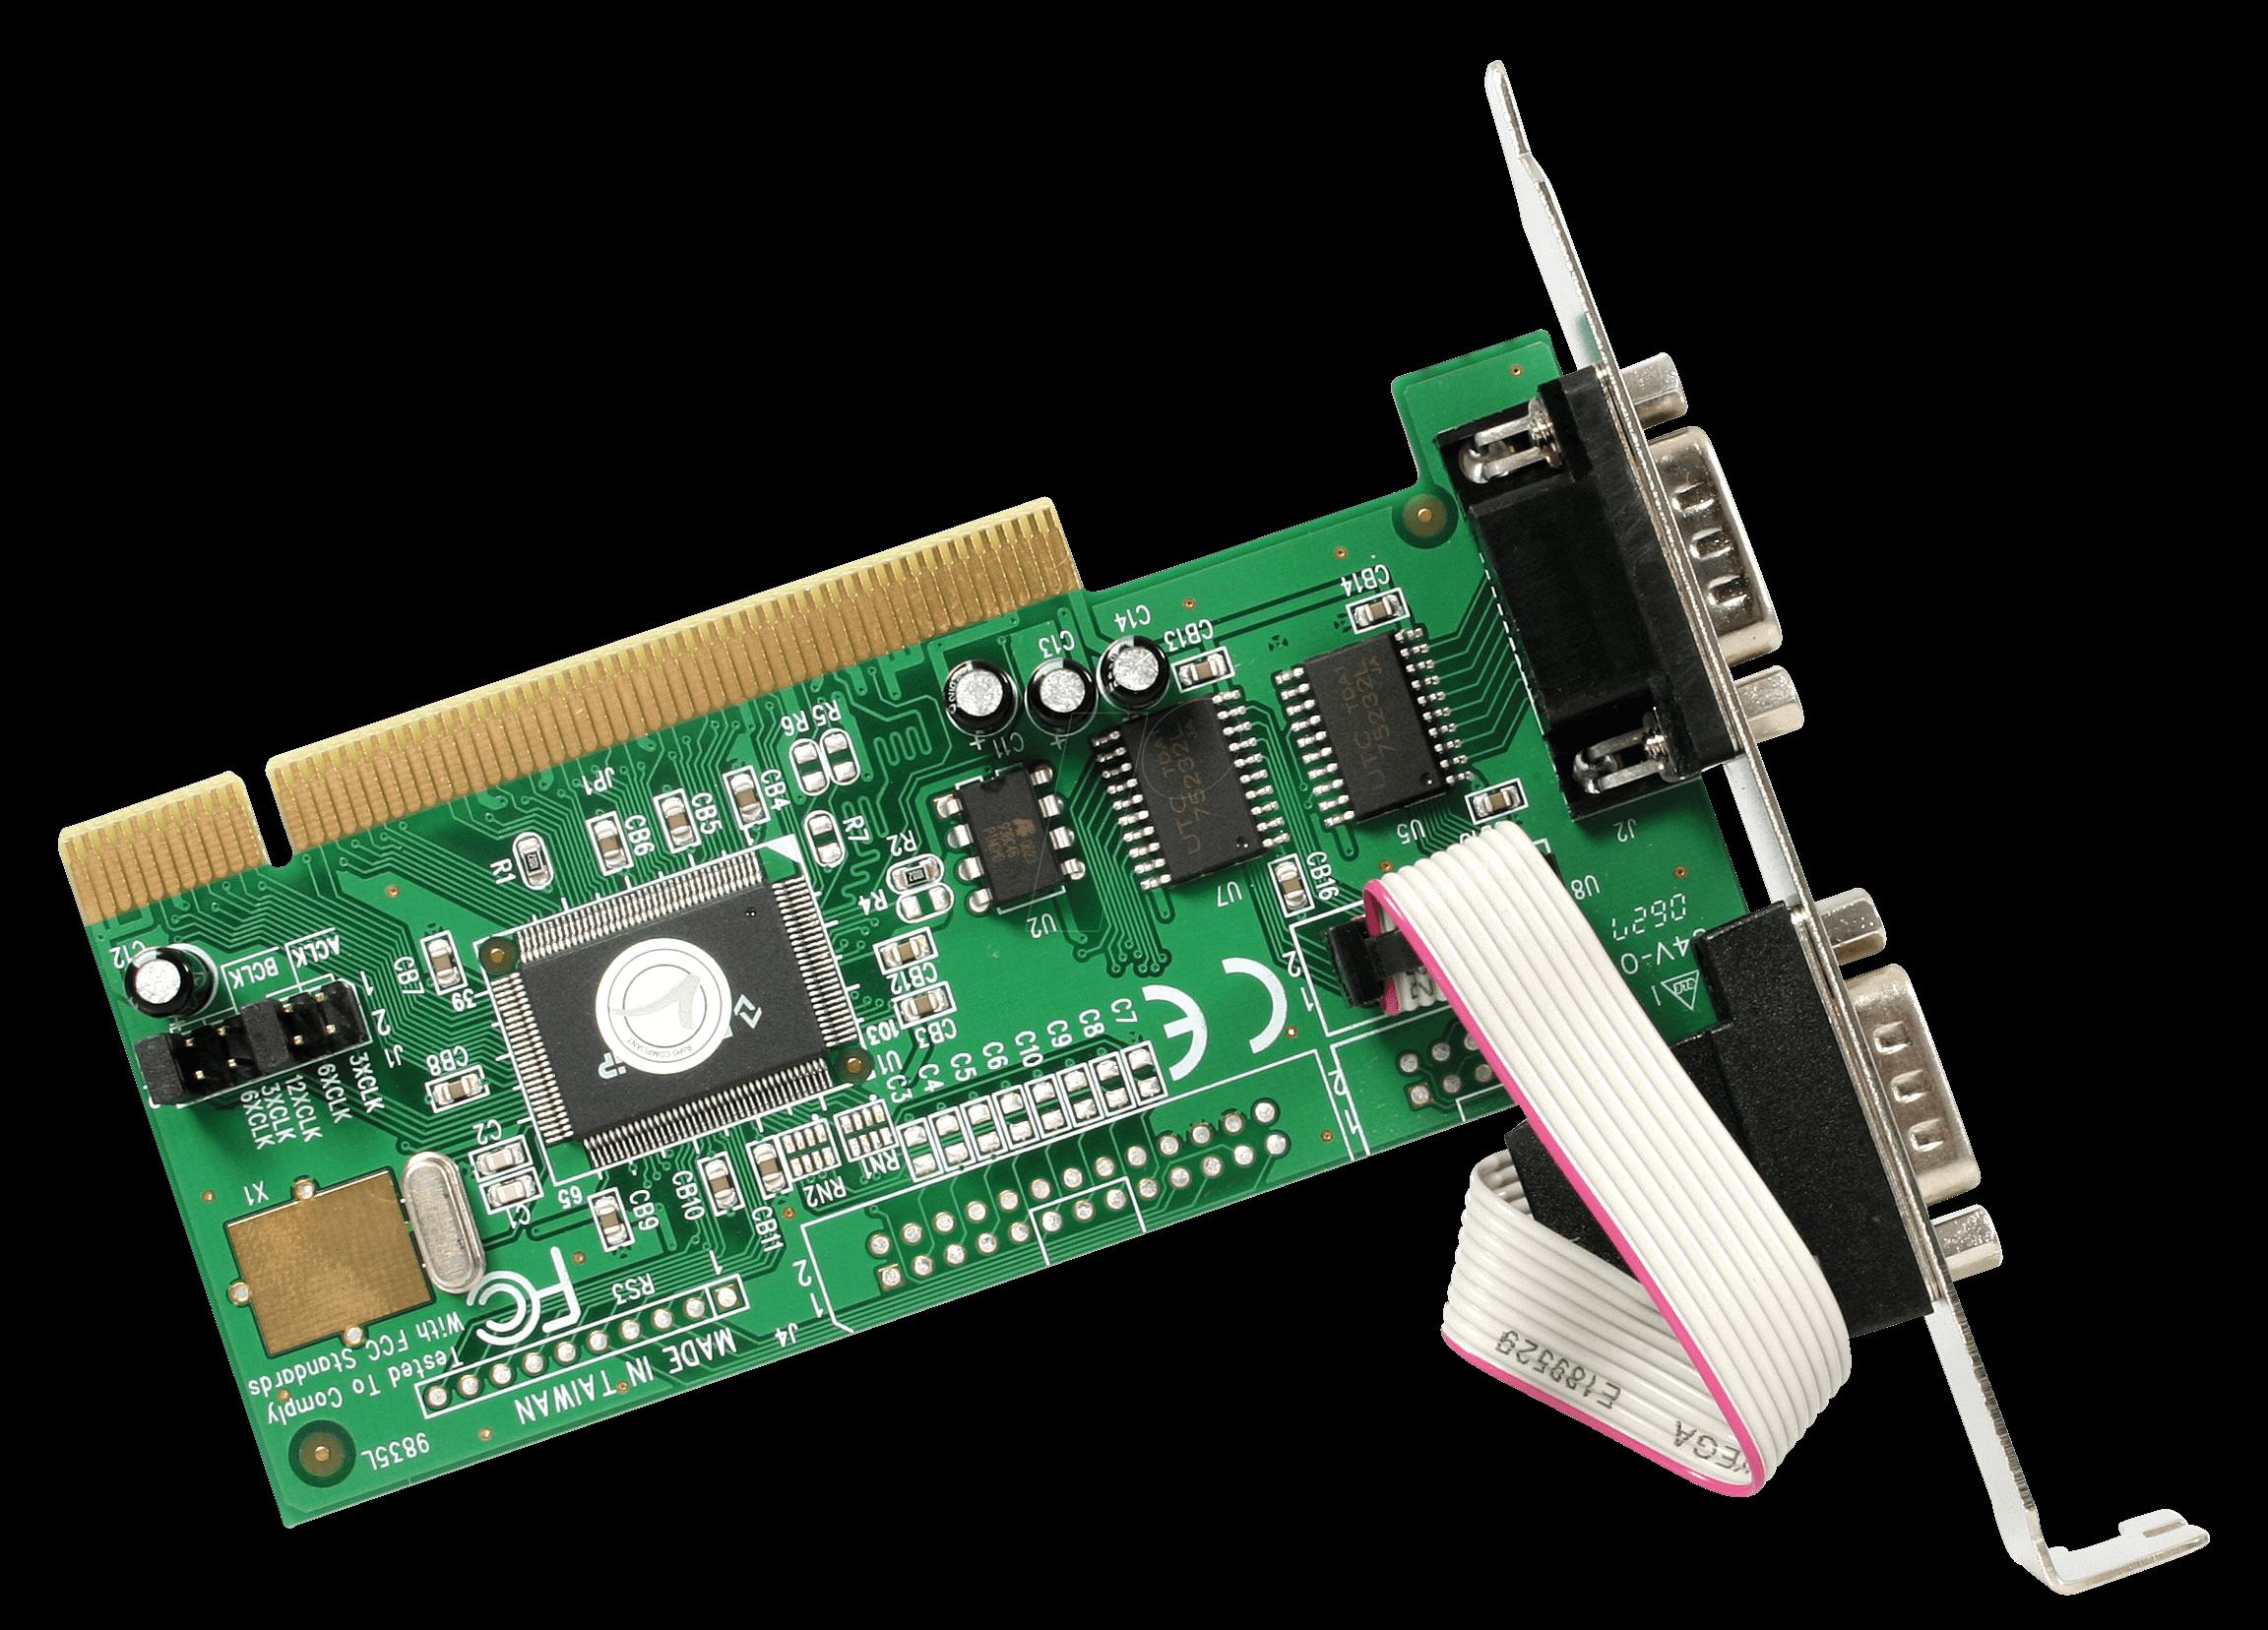 https://cdn-reichelt.de/bilder/web/xxl_ws/E910/PCI2S550_02.png